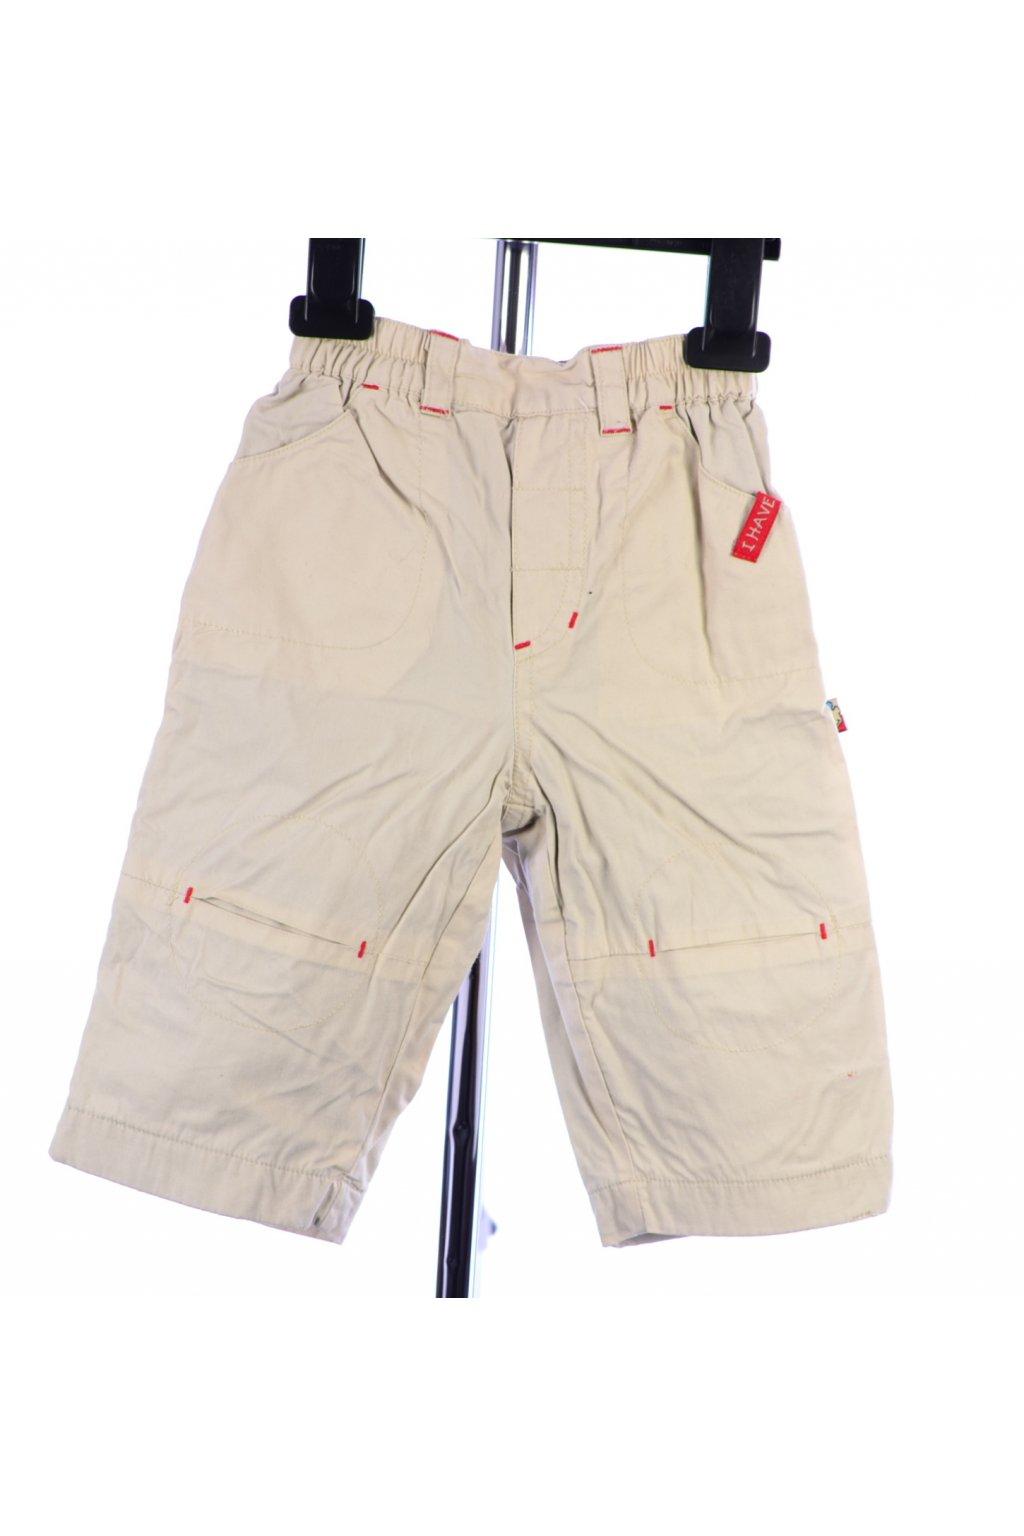 Kalhoty s podšívkou vel 68 béžové